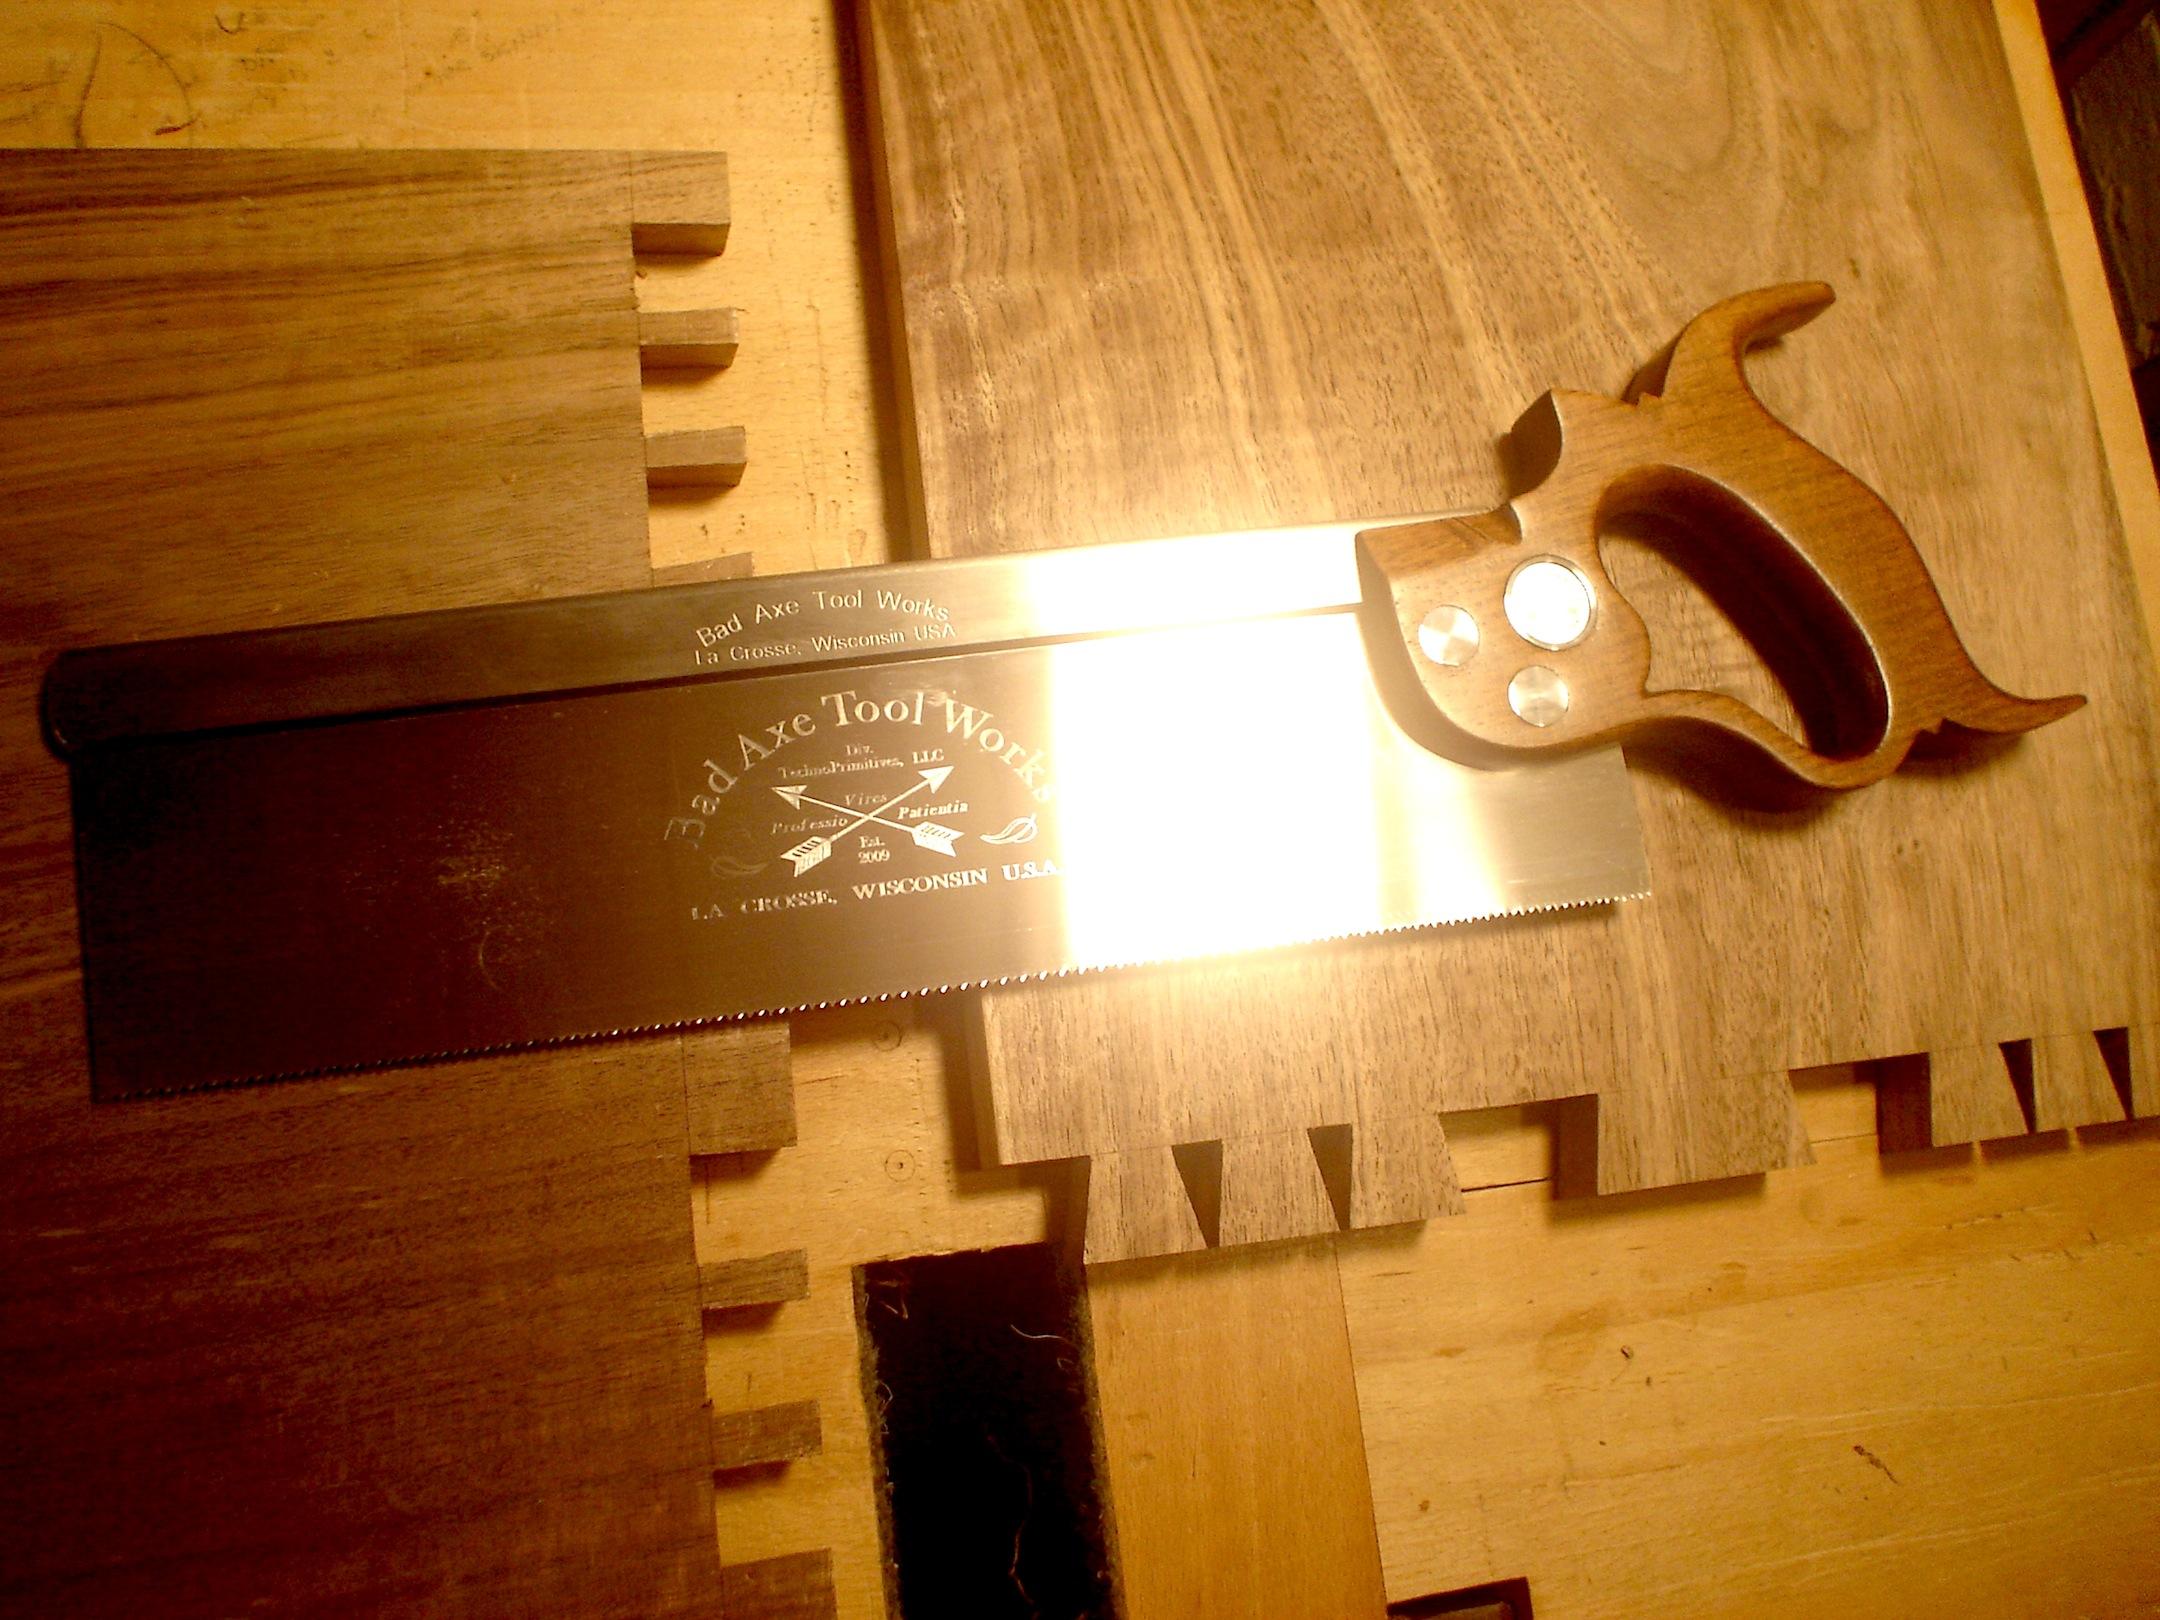 bad axe saws. the bad axe saws